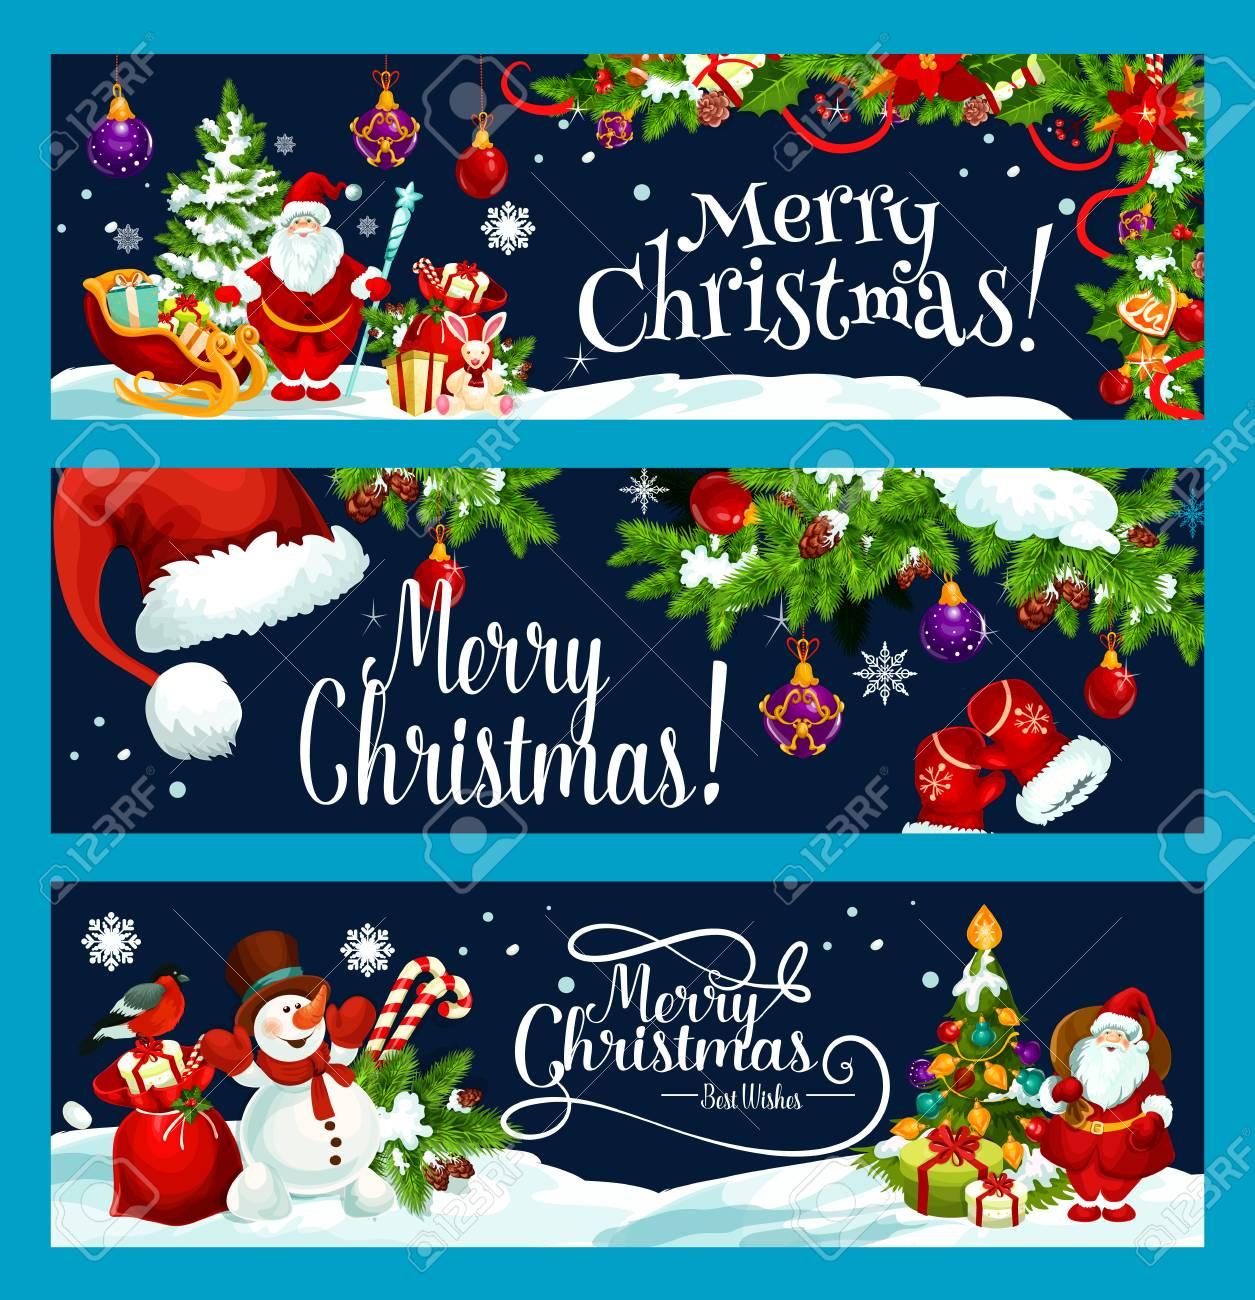 Frohe Weihnachten Und Beste Wunsche Gruss Banner Design Vorlage